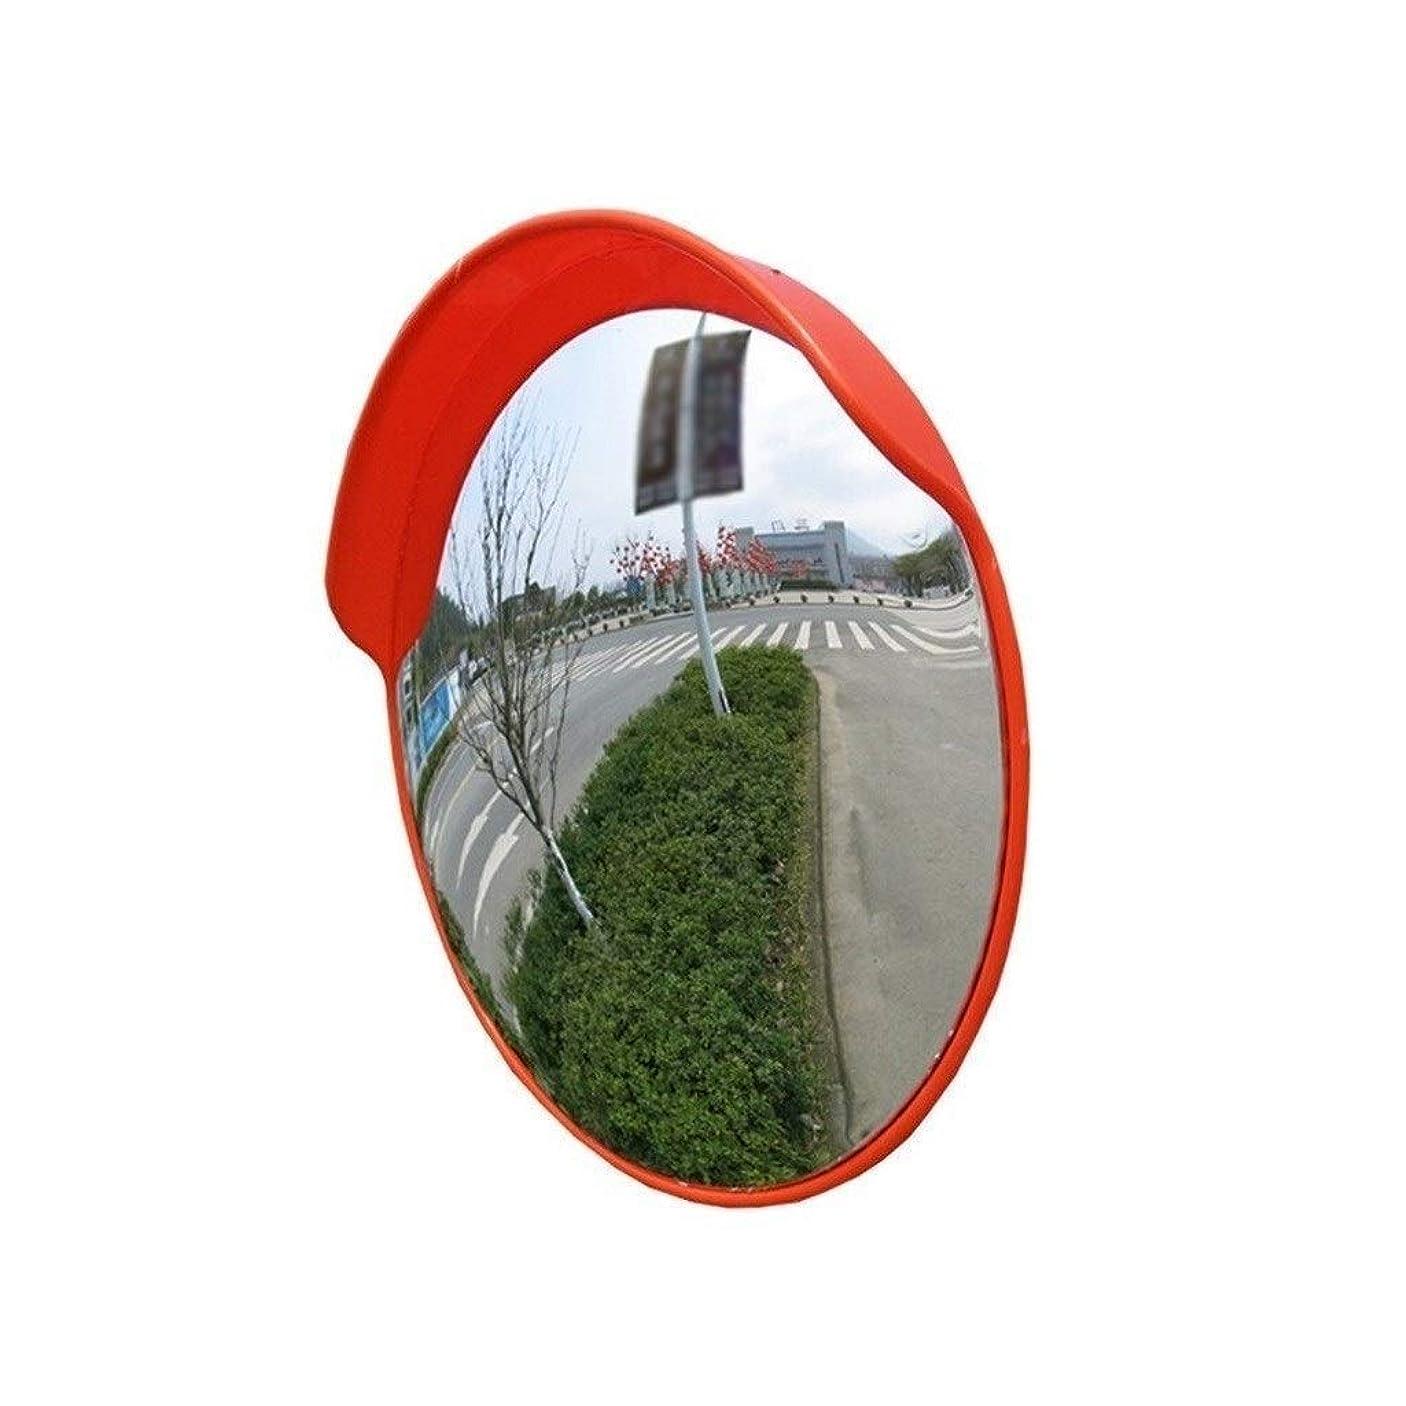 大事にする債務市町村クロスロードカーターニングミラー、赤色プラスチック広角レンズ、耐候性、非変形凸面安全ミラー45-100CM(サイズ:100CM)